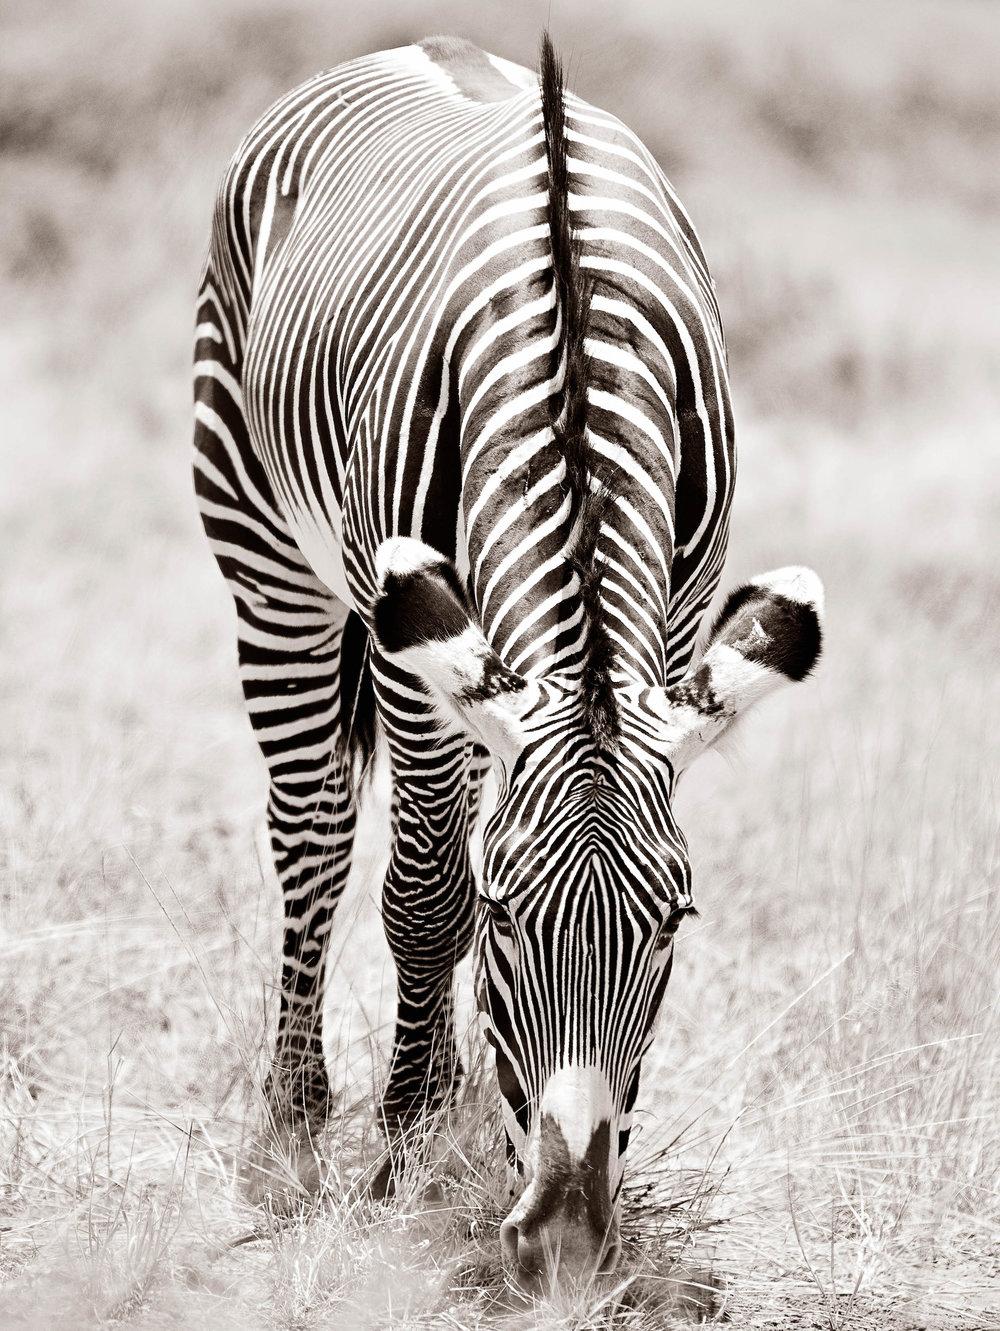 _O3H4327_57x44_Zebra.jpg